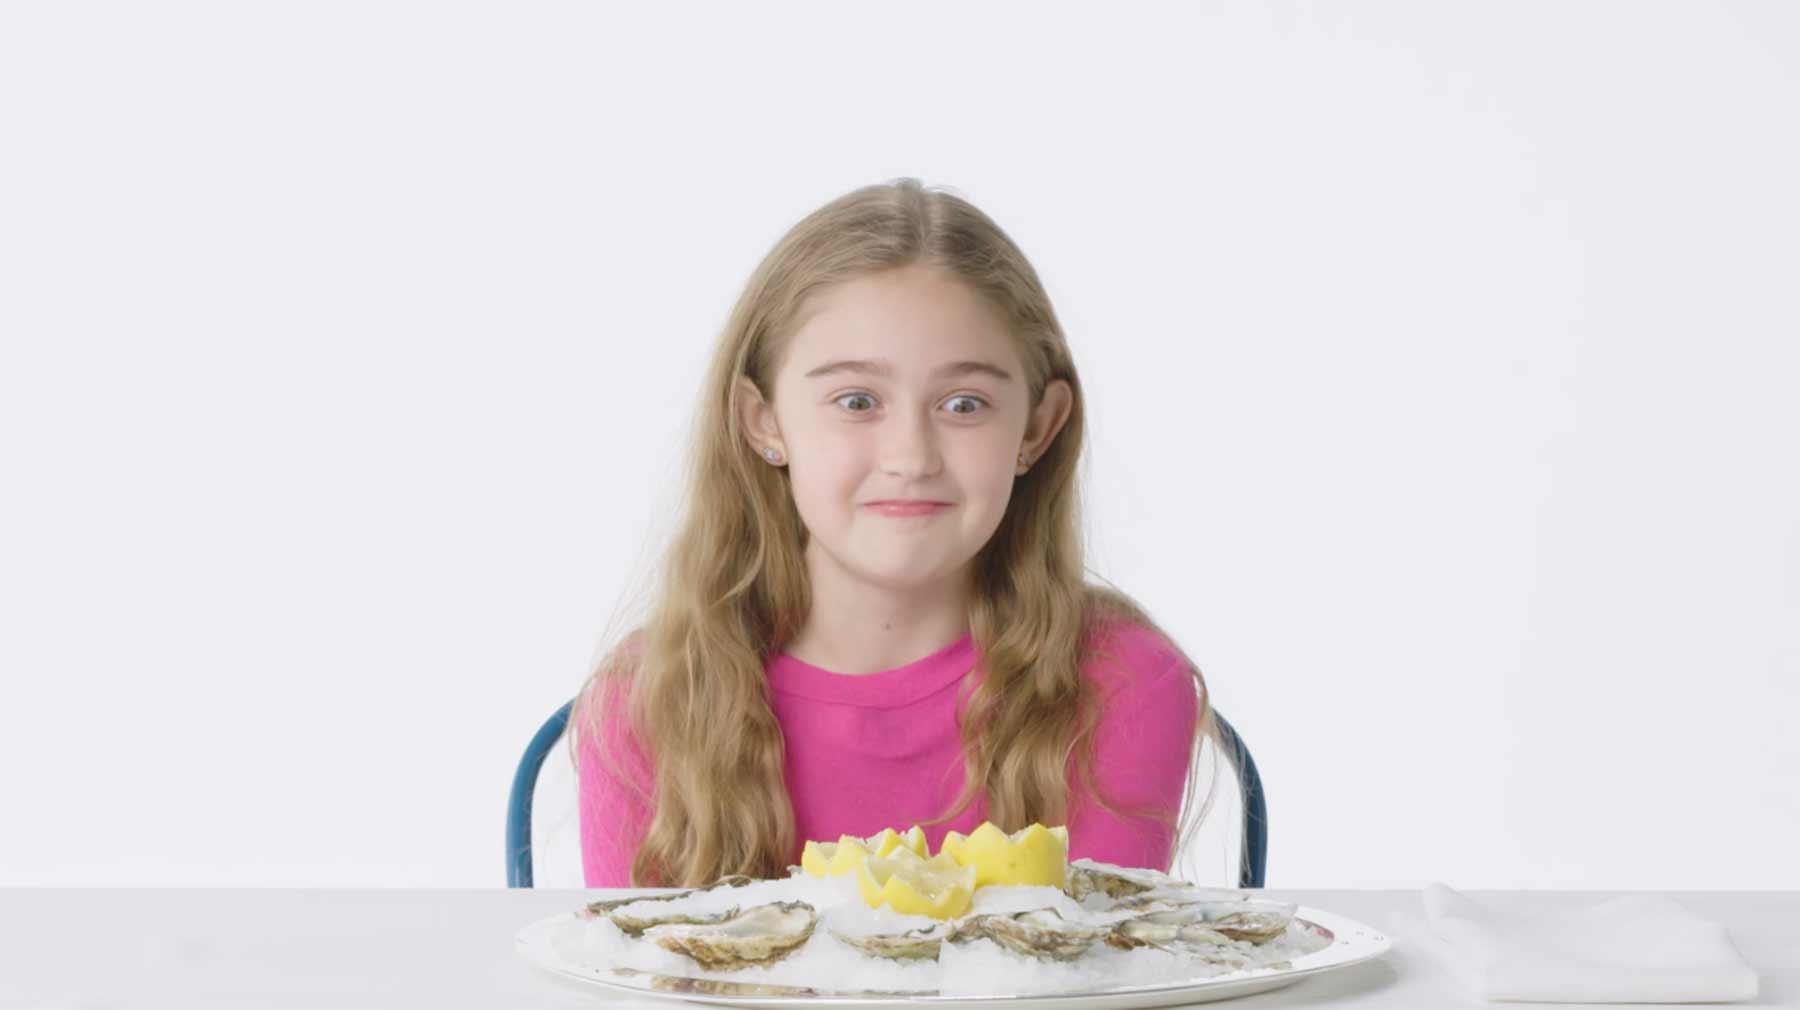 Kinder kritisieren die teuersten Essen des letzten Jahrhunderts kinder-essen-teures-essen